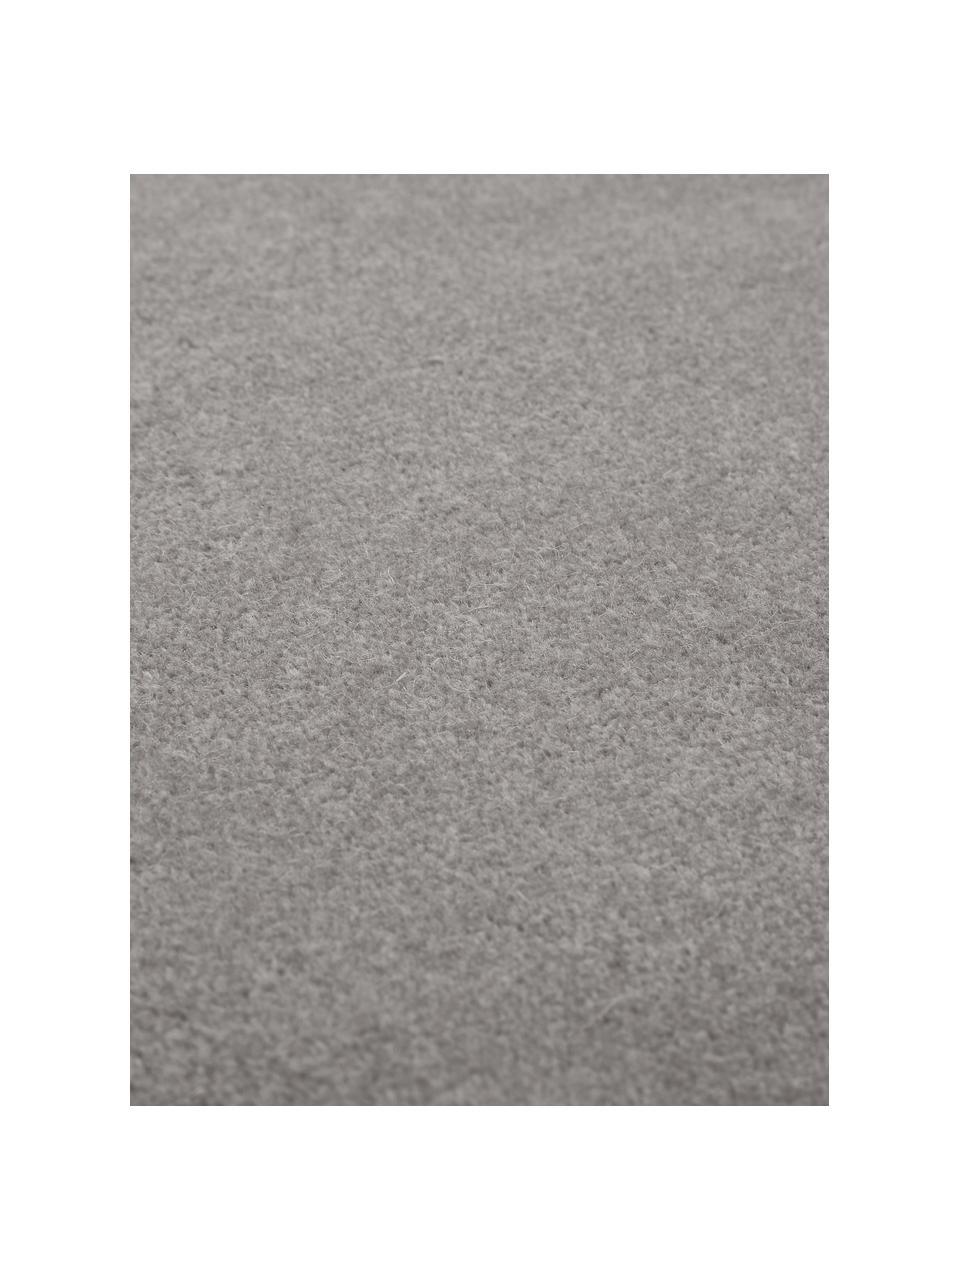 Wollen vloerkleed Ida in grijs, Bovenzijde: 100% wol, Onderzijde: 60% jute, 40% polyester, Grijs, 300 x 400 cm